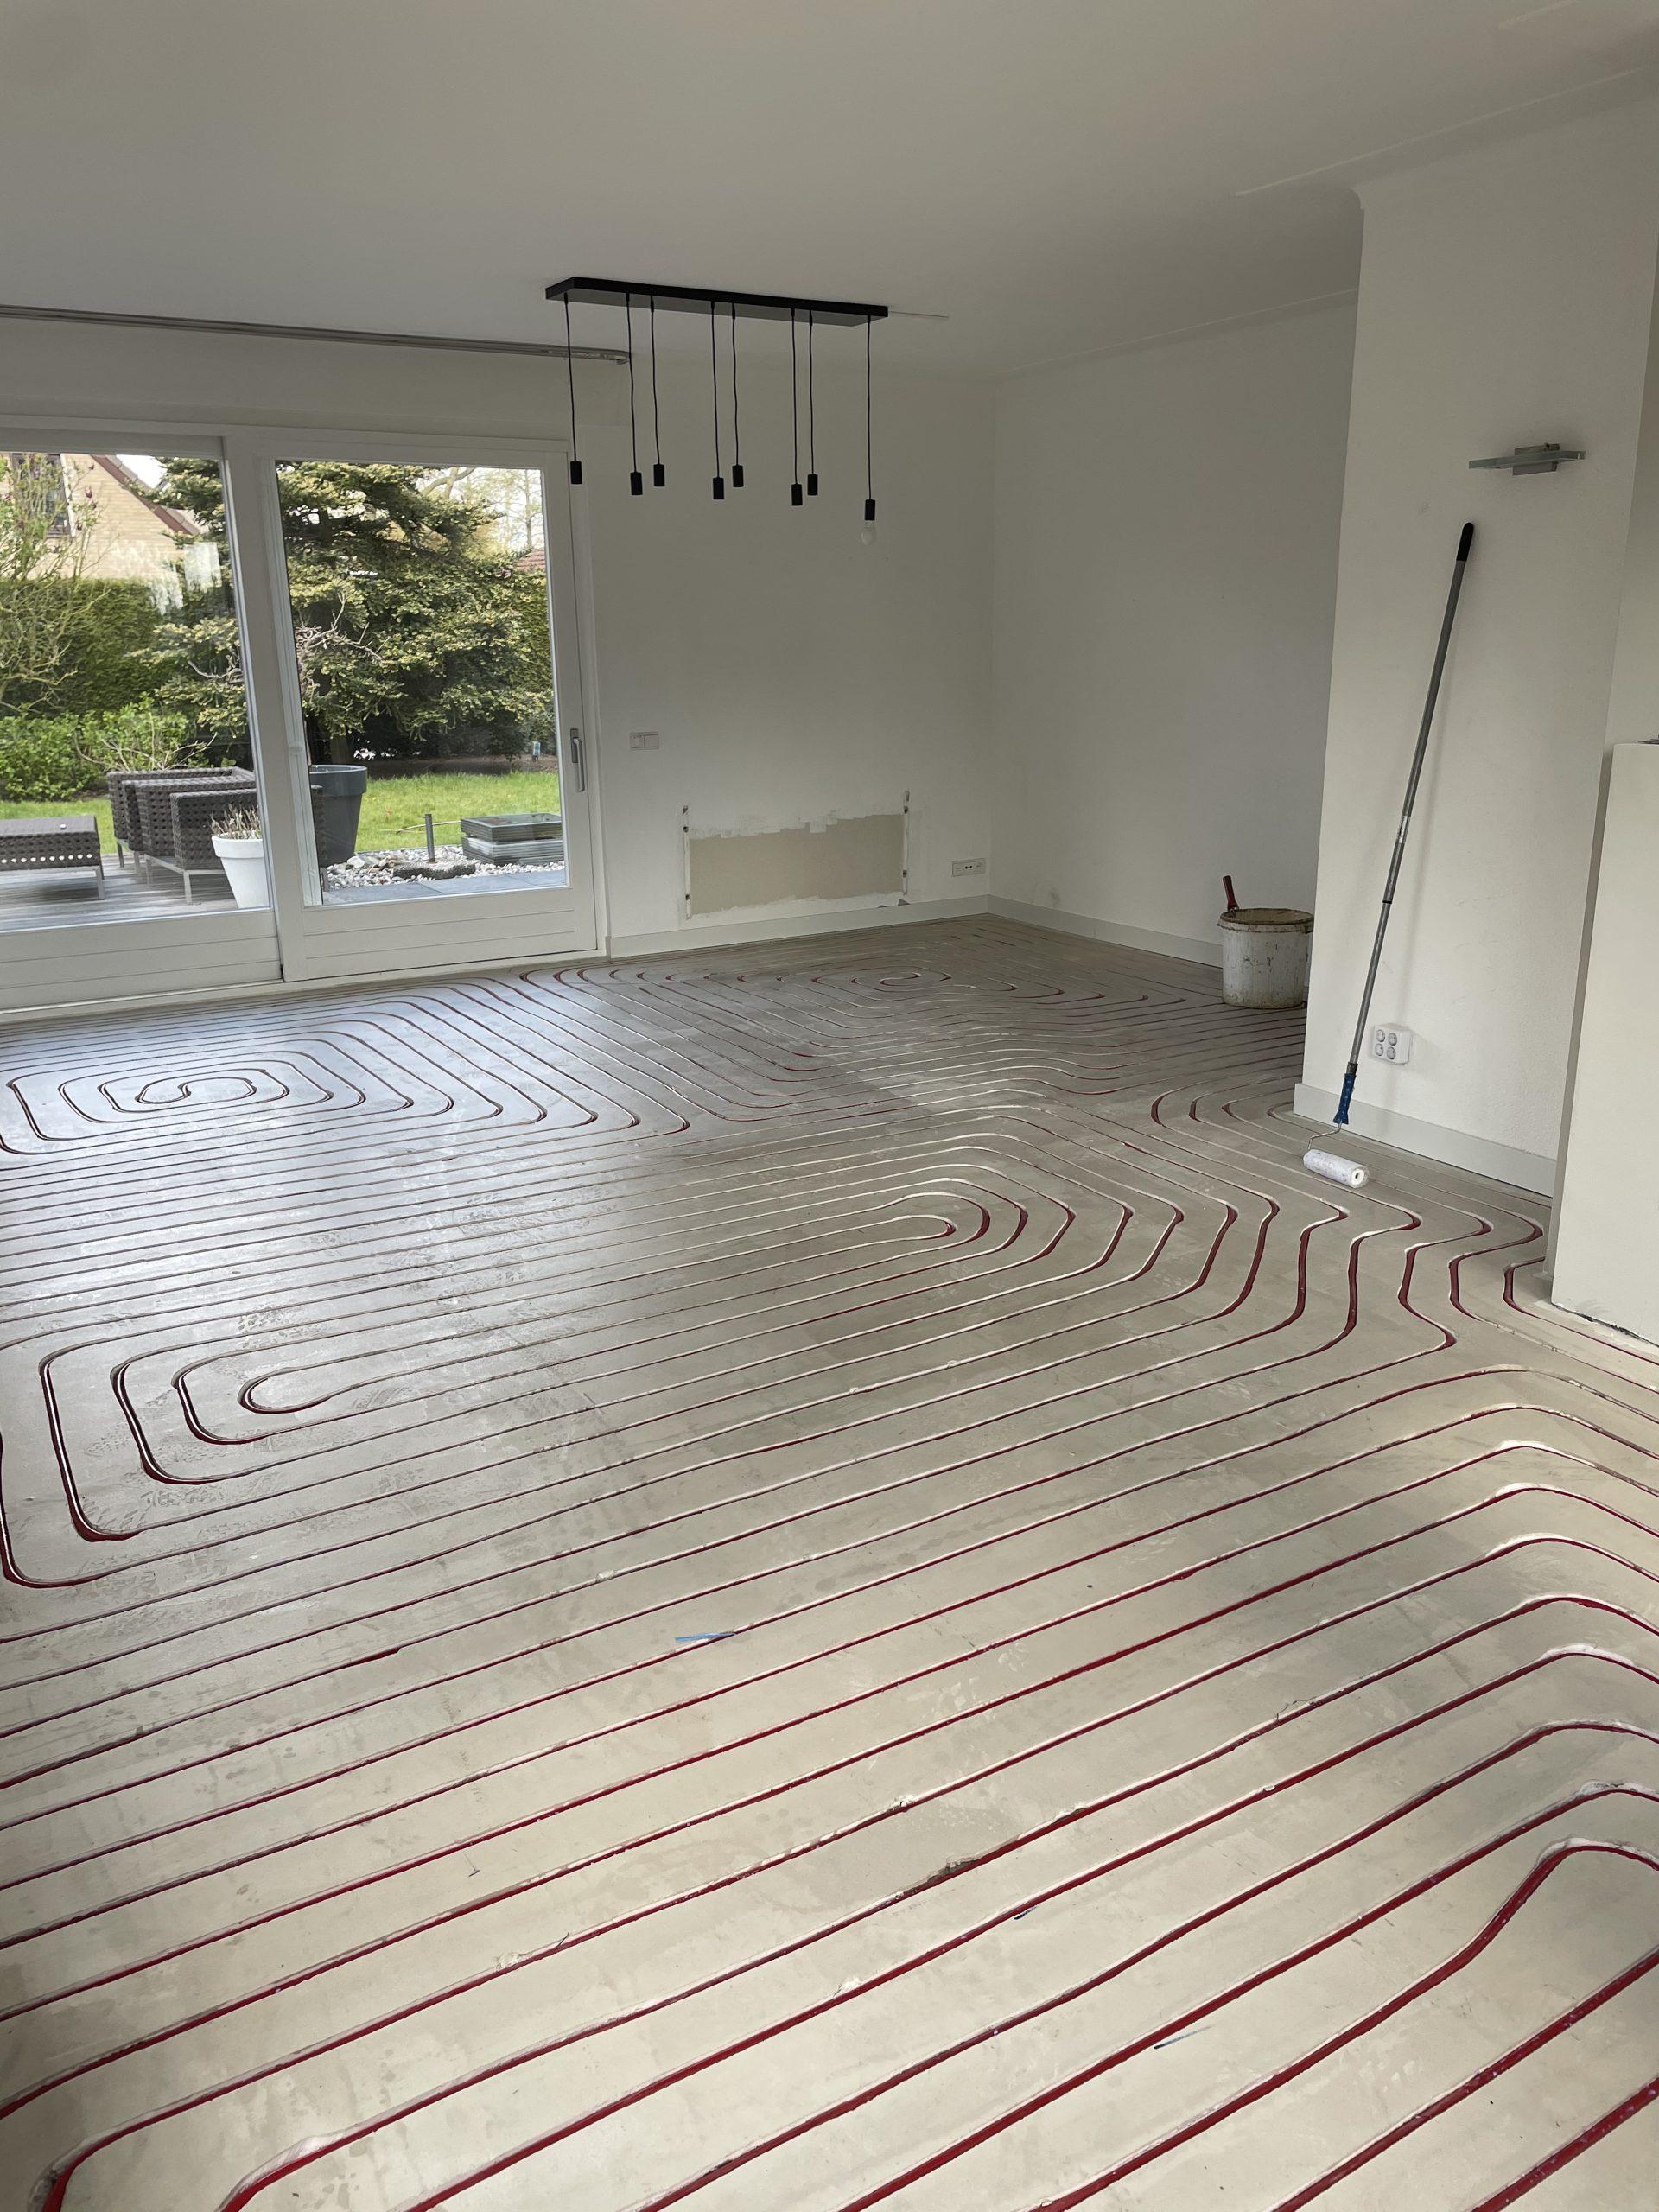 PVC Visgraat & vloerverwarming Beuningen